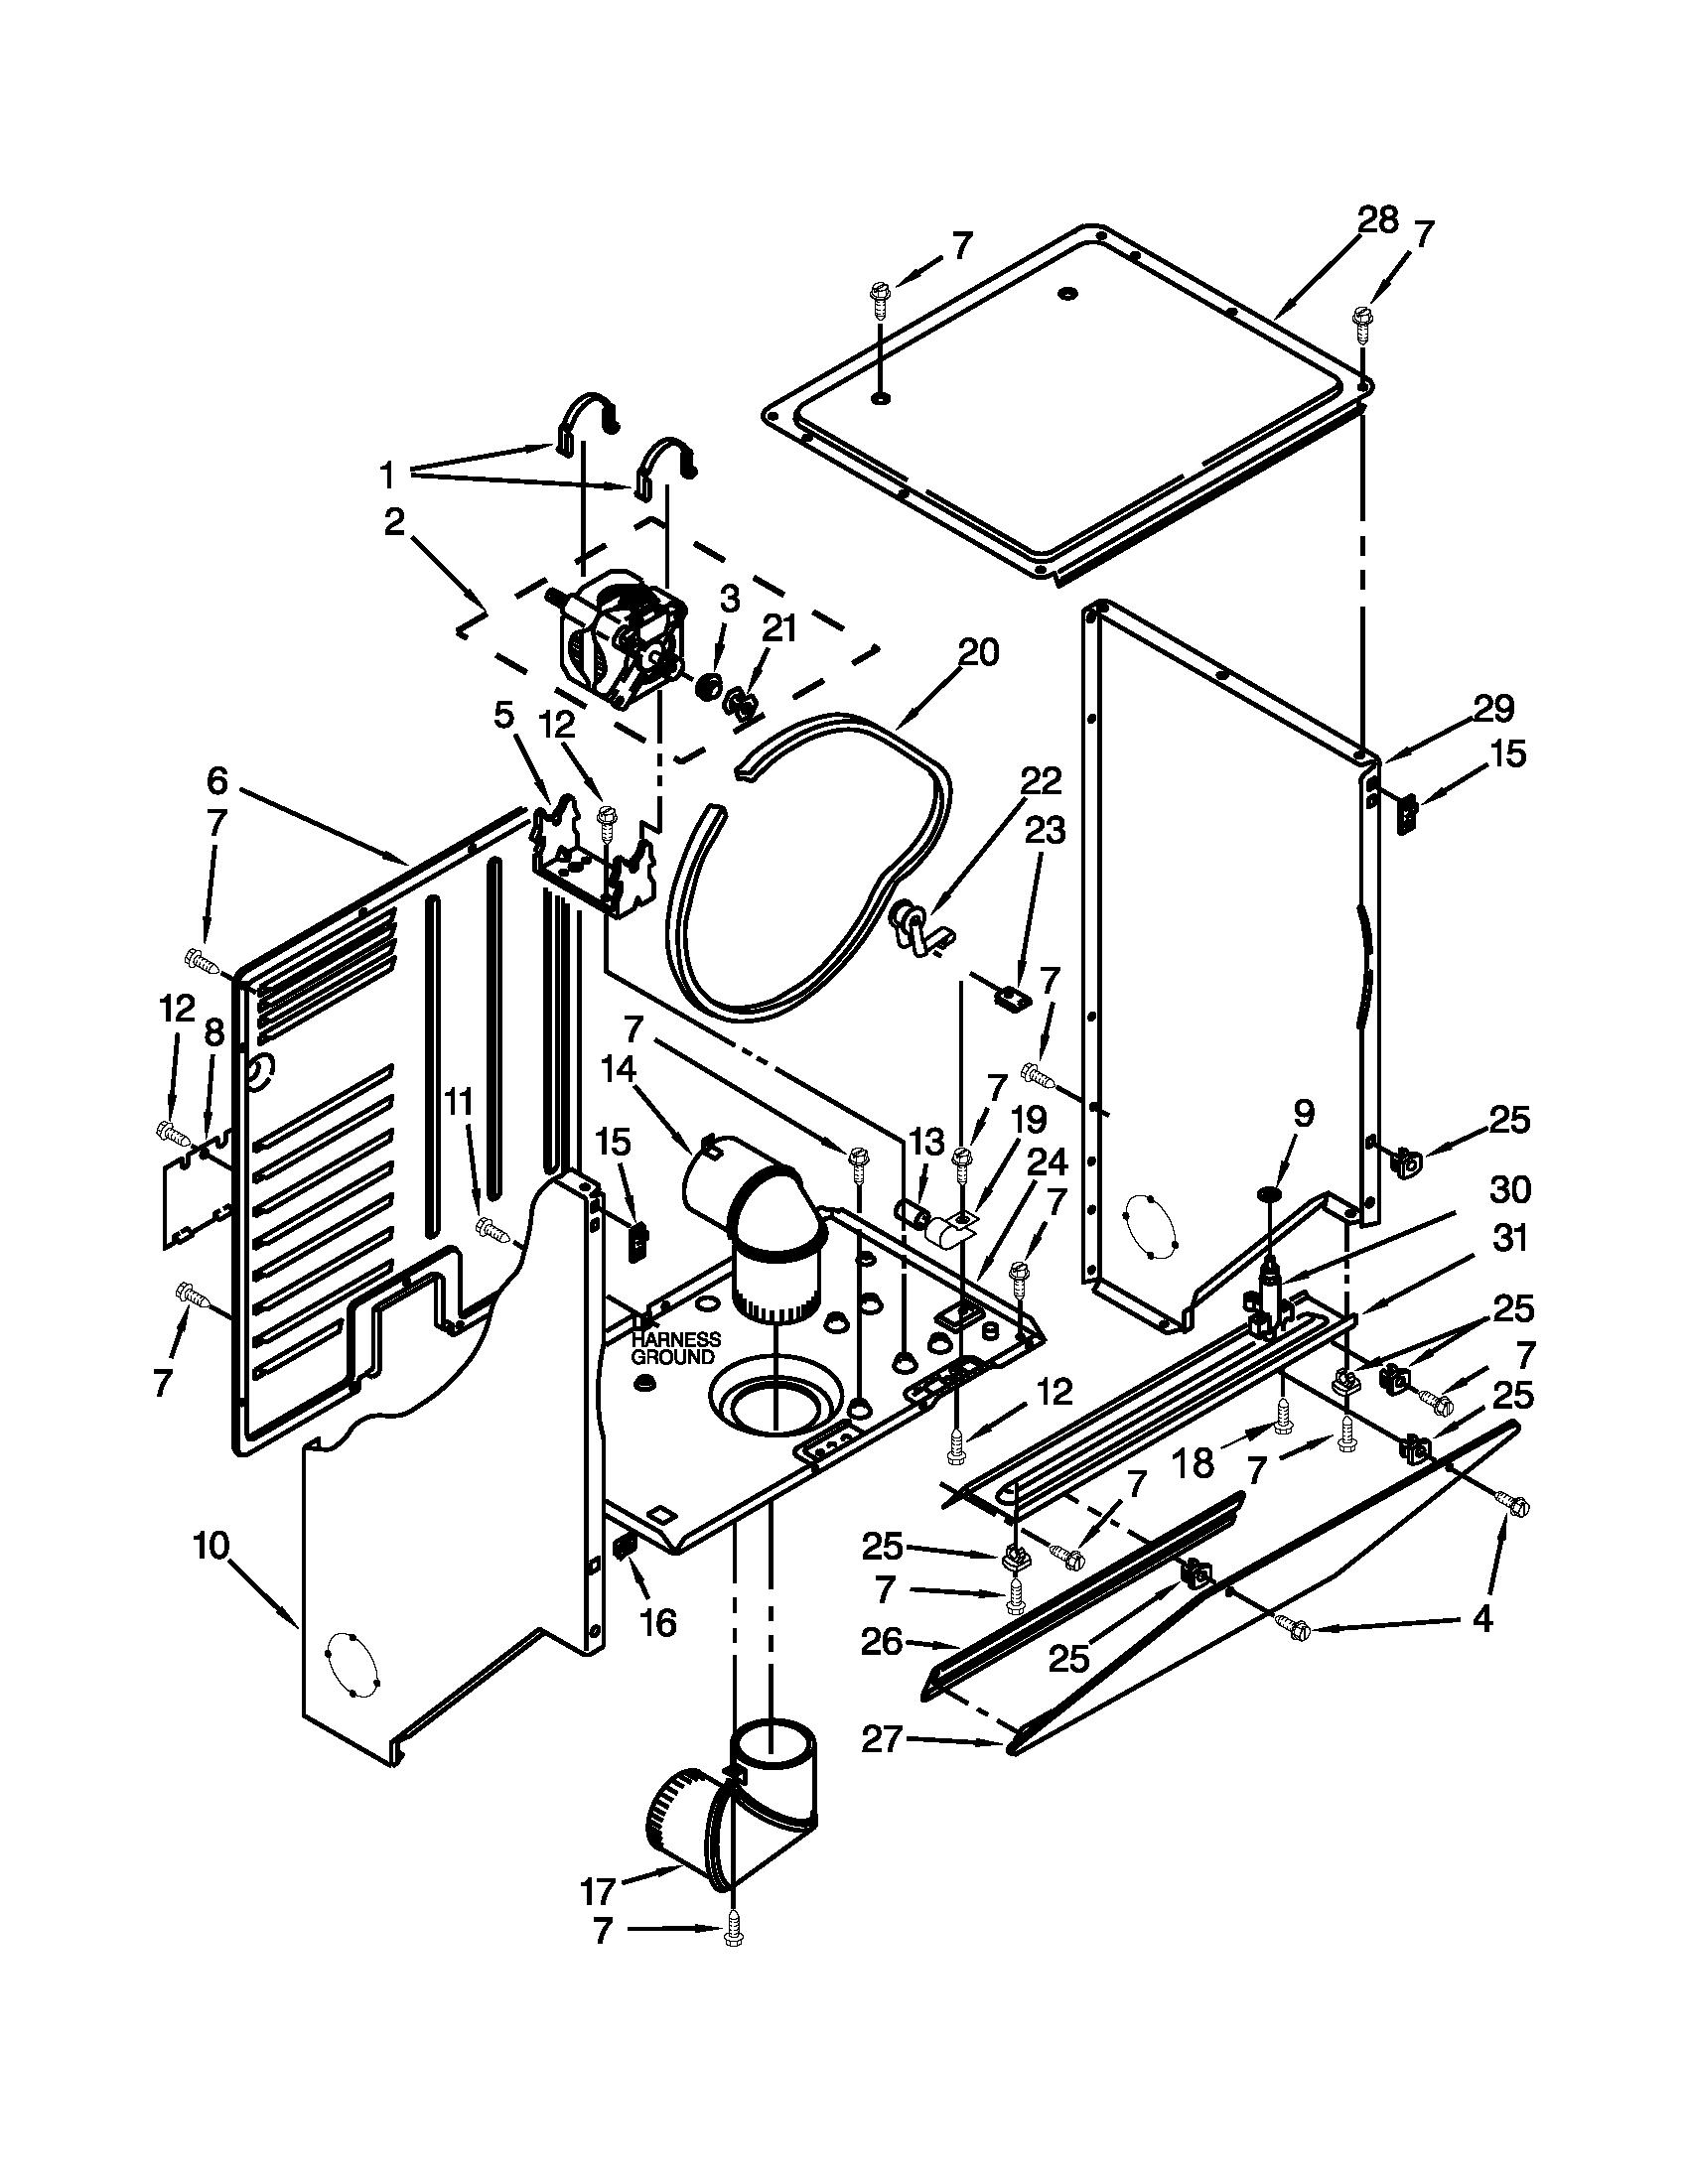 wo_1202] whirlpool lgr8648pg0 wiring schematic free diagram  gresi chro carn ospor garna grebs unho rele mohammedshrine librar wiring 101